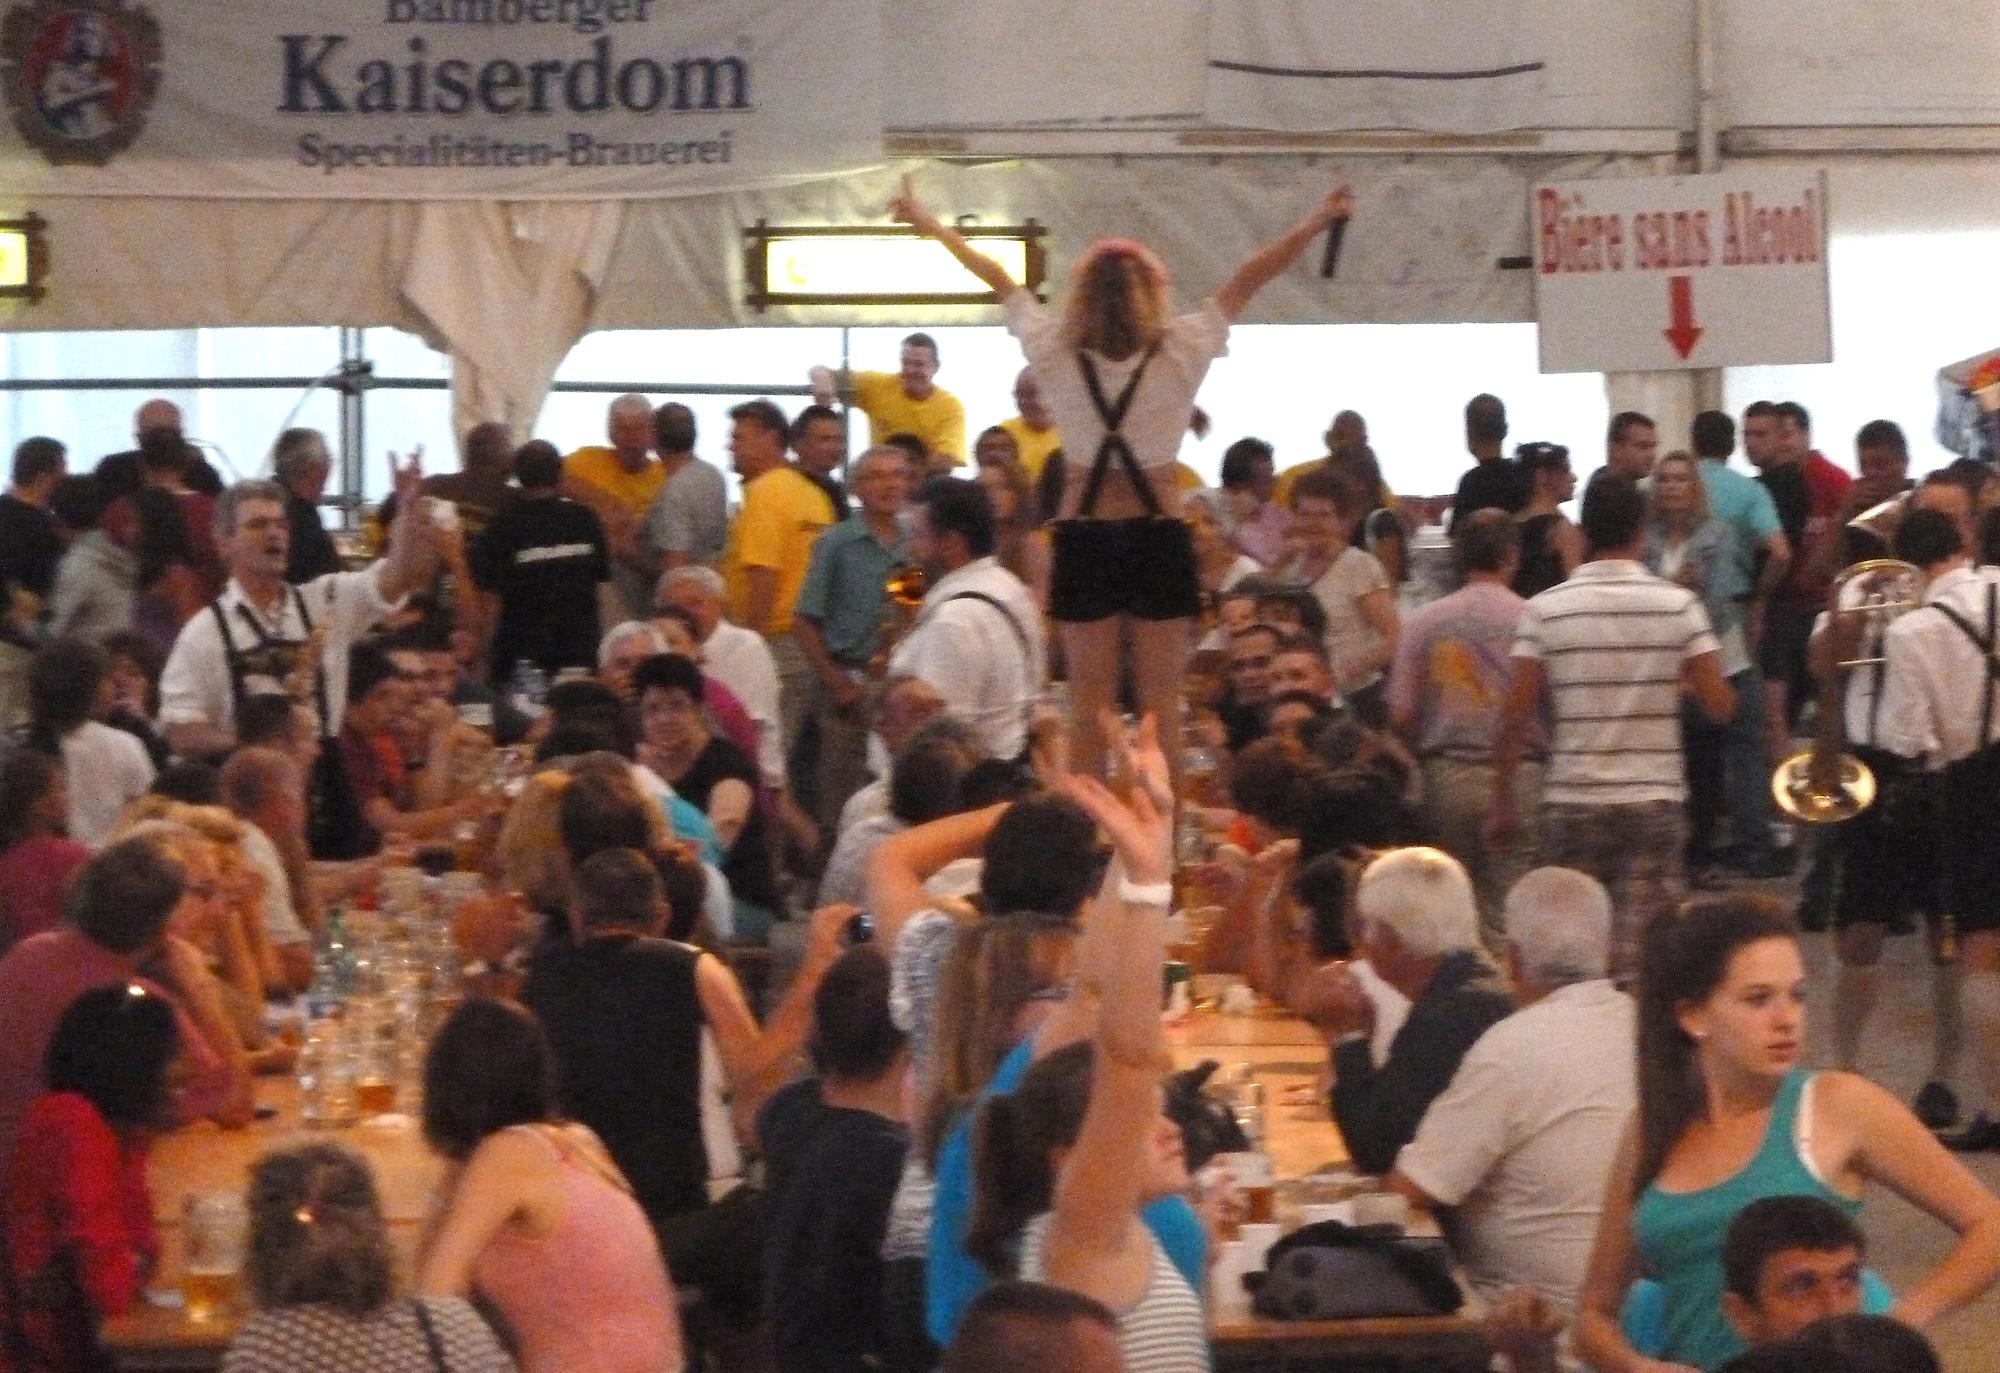 2a Ambérieu 01 Fête de la Bière orchestre bavarois musiciens sur les tables